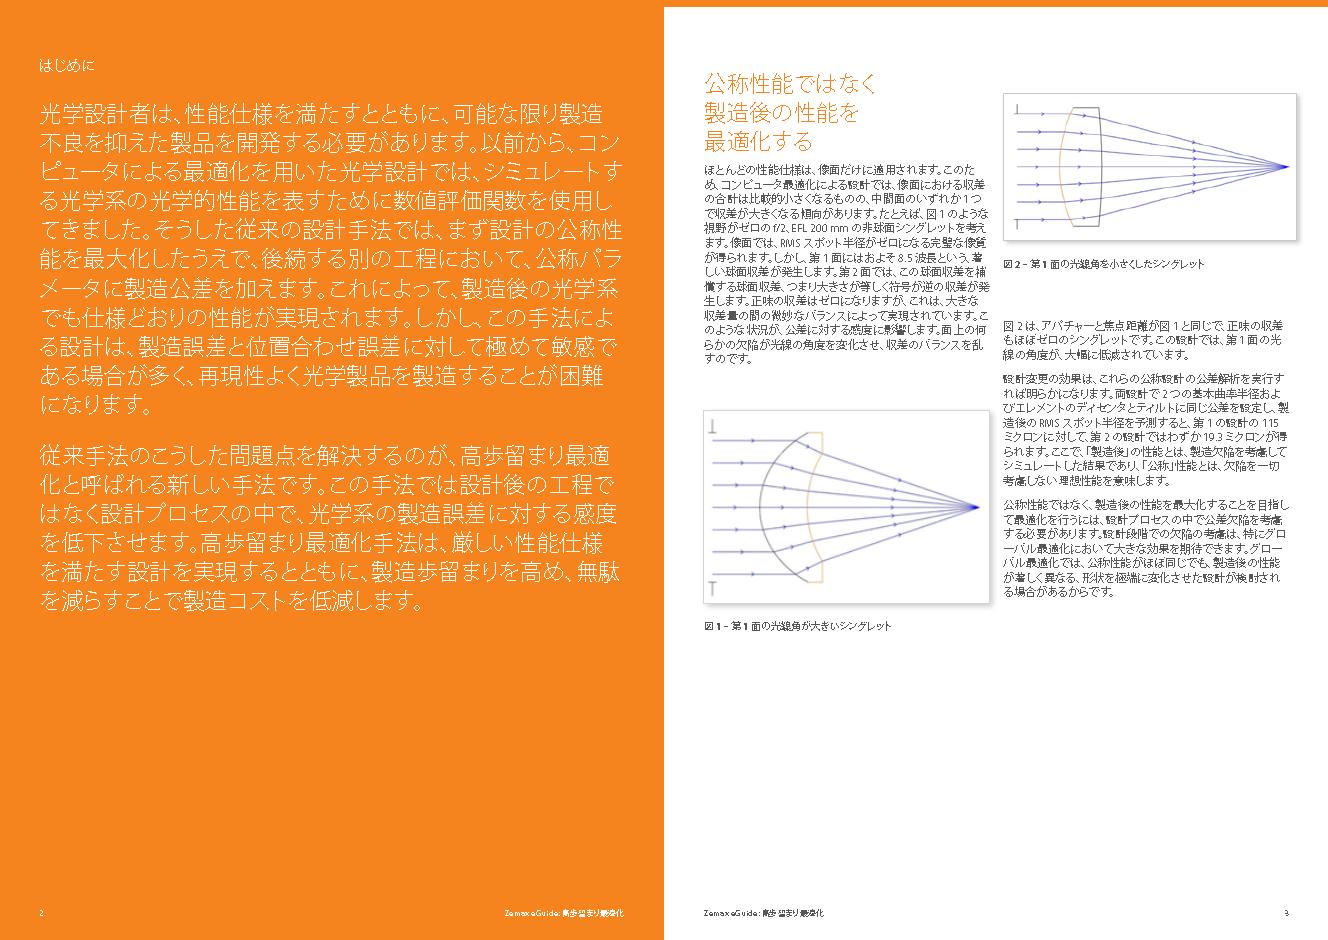 高歩留まり最適化:より製造性の高い設計を実現するプロセスの合理化 Sneak Preview